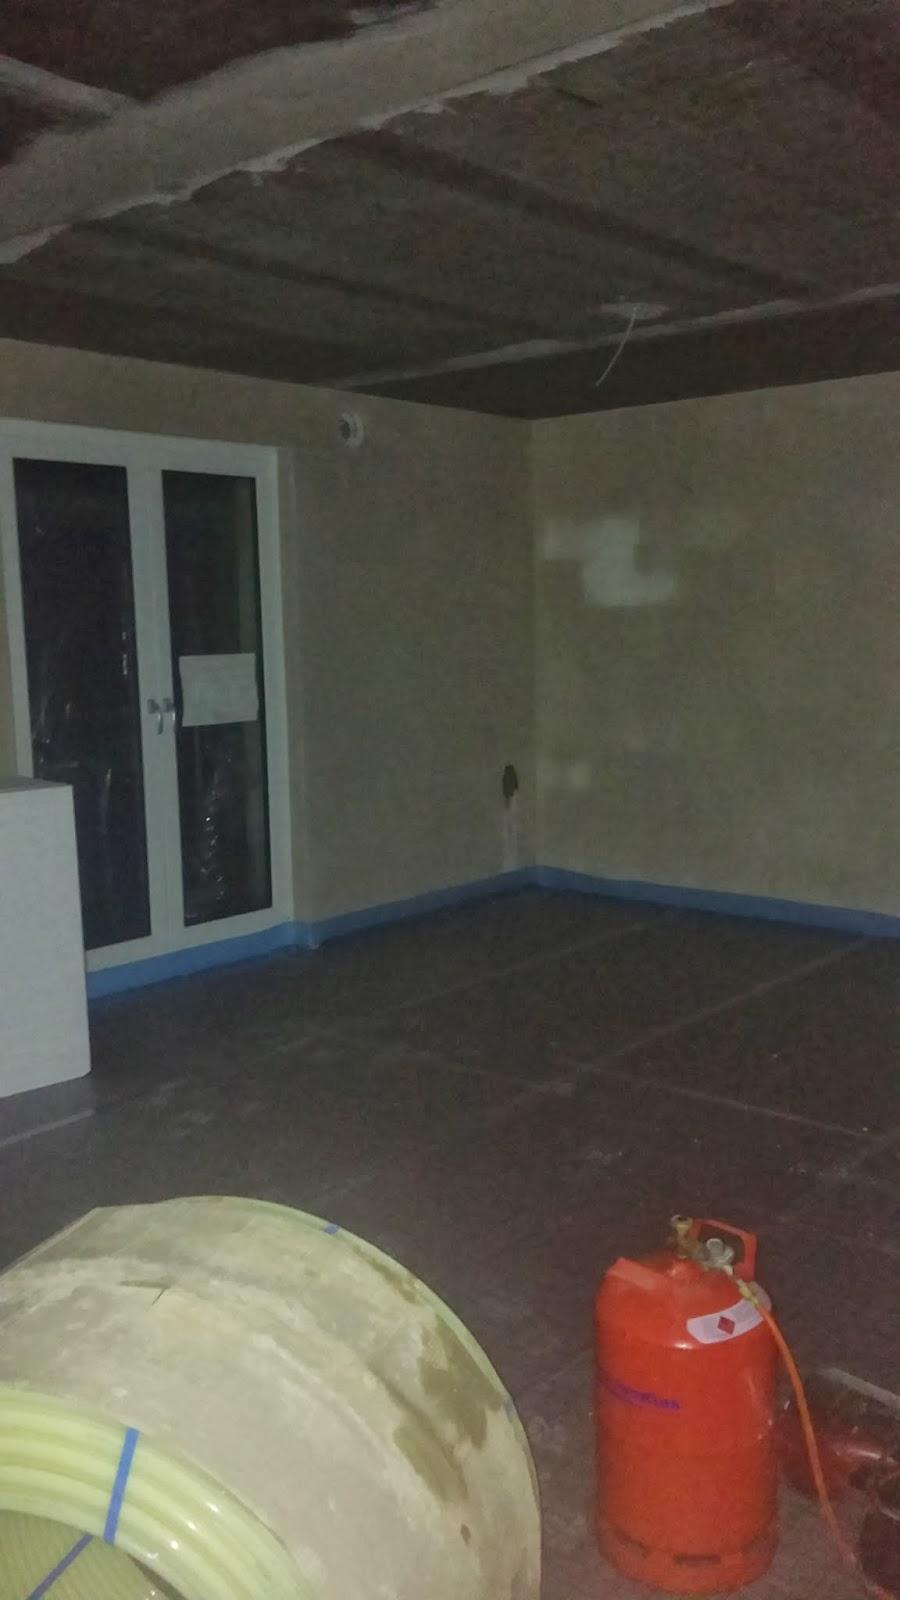 unser traumhaus bodensee 129 sanit r war fleissig. Black Bedroom Furniture Sets. Home Design Ideas